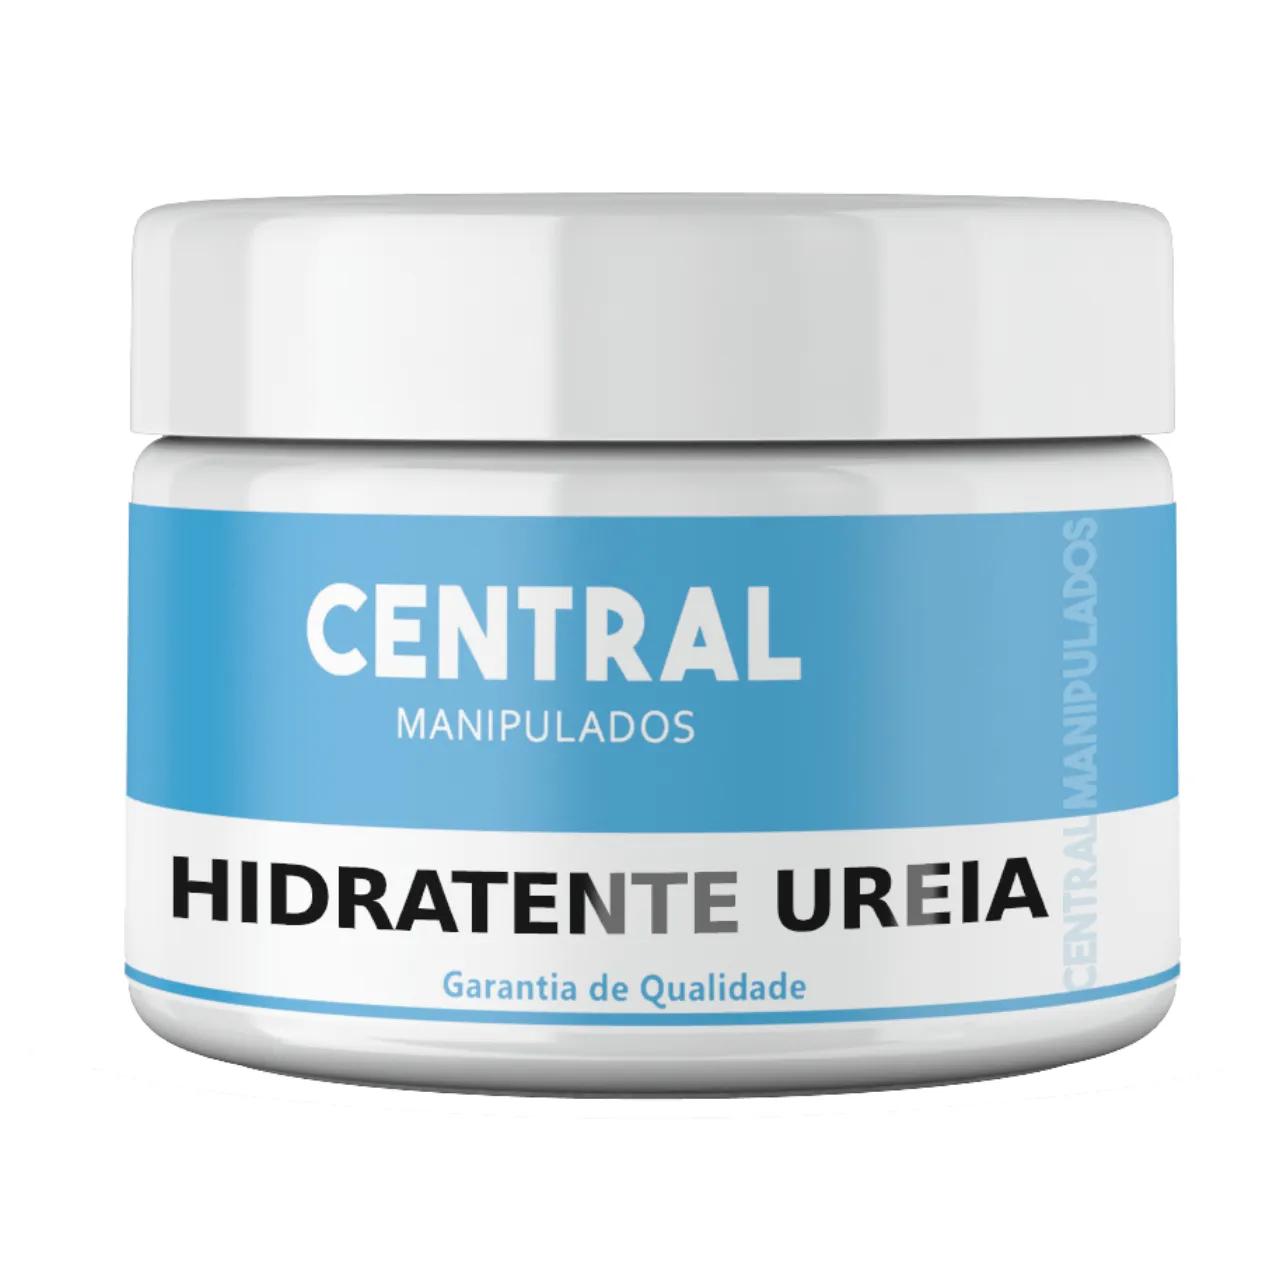 Hidratante Uréia 20% - Creme 500g - Hidratantação profunda, maciez e suavidade, reforçar a barreira cutânea